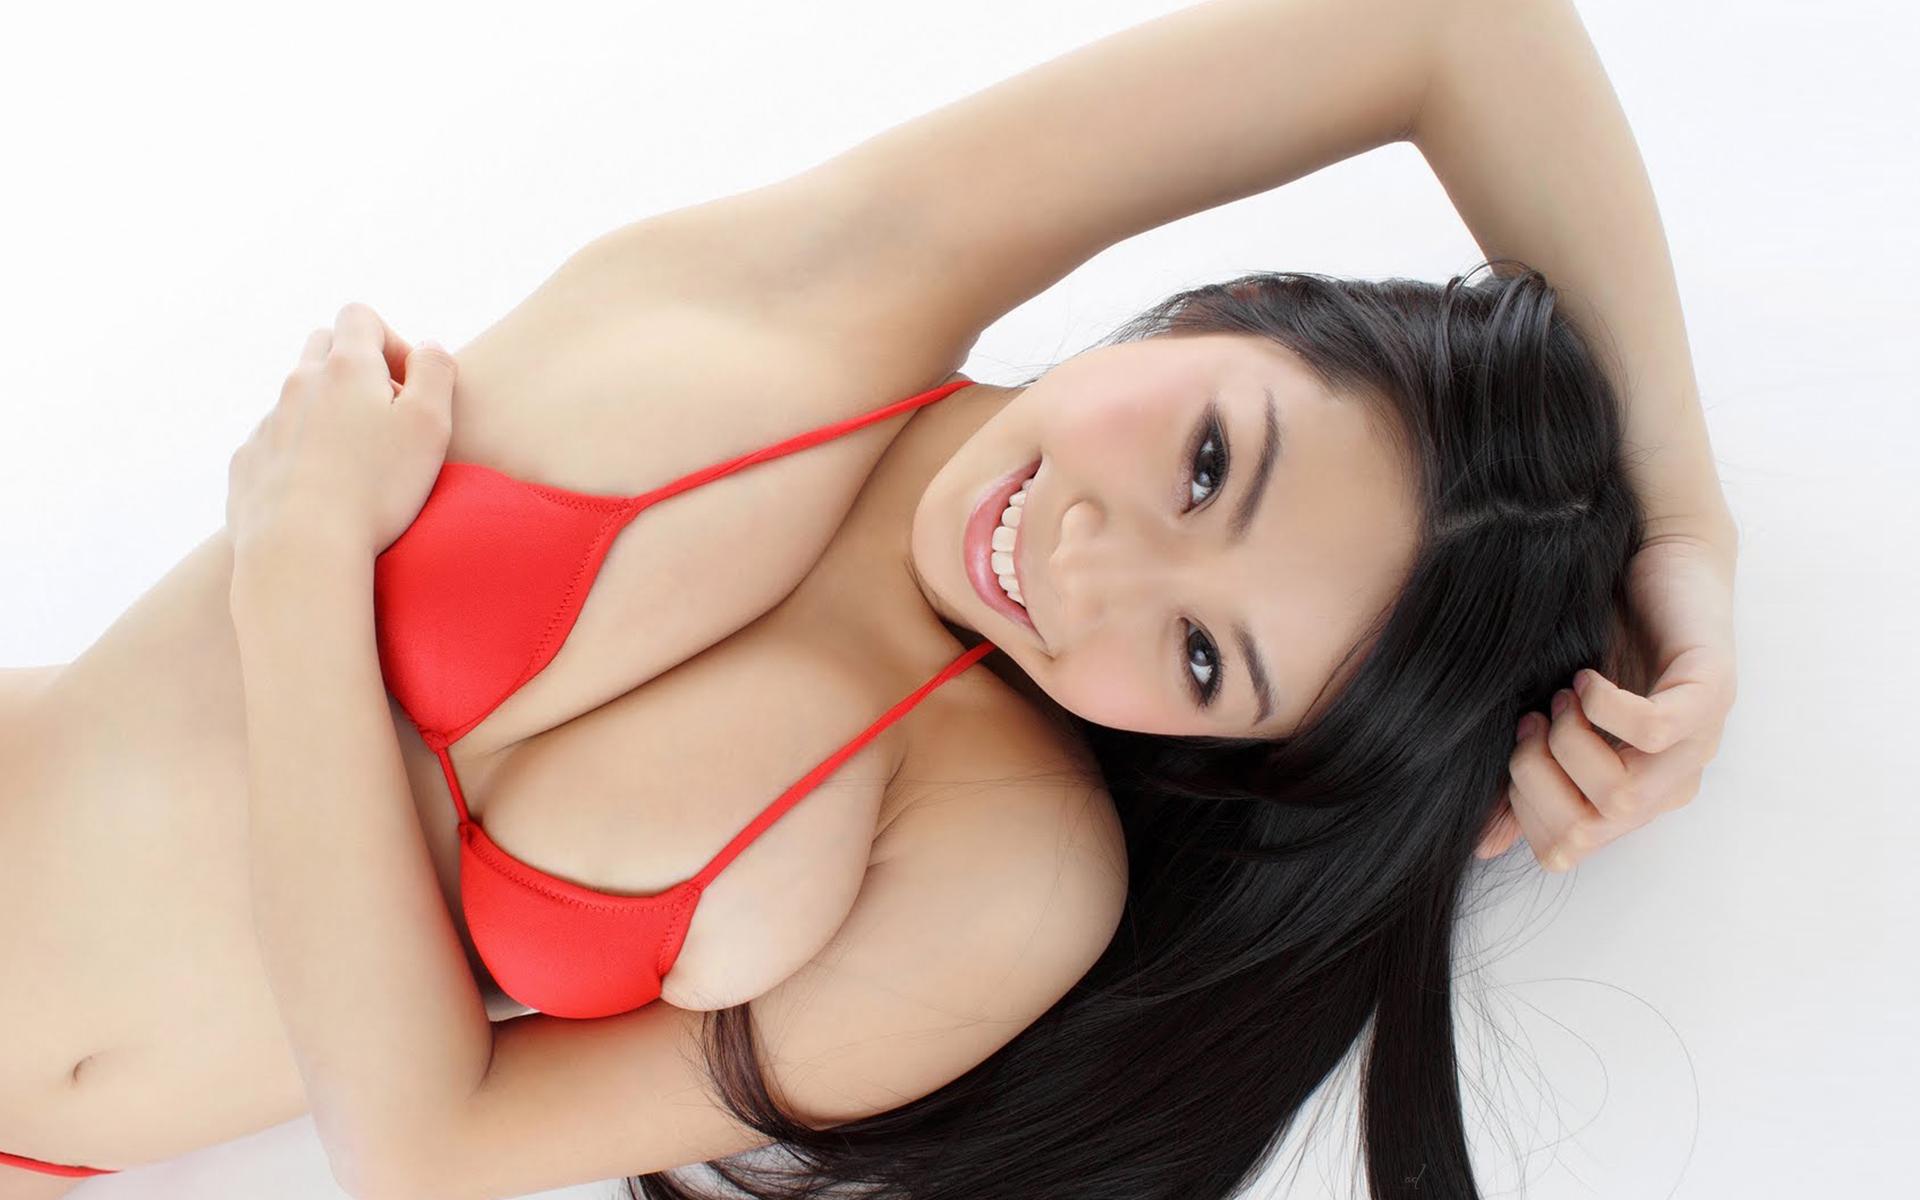 азиатка с огромные сиськи - 7